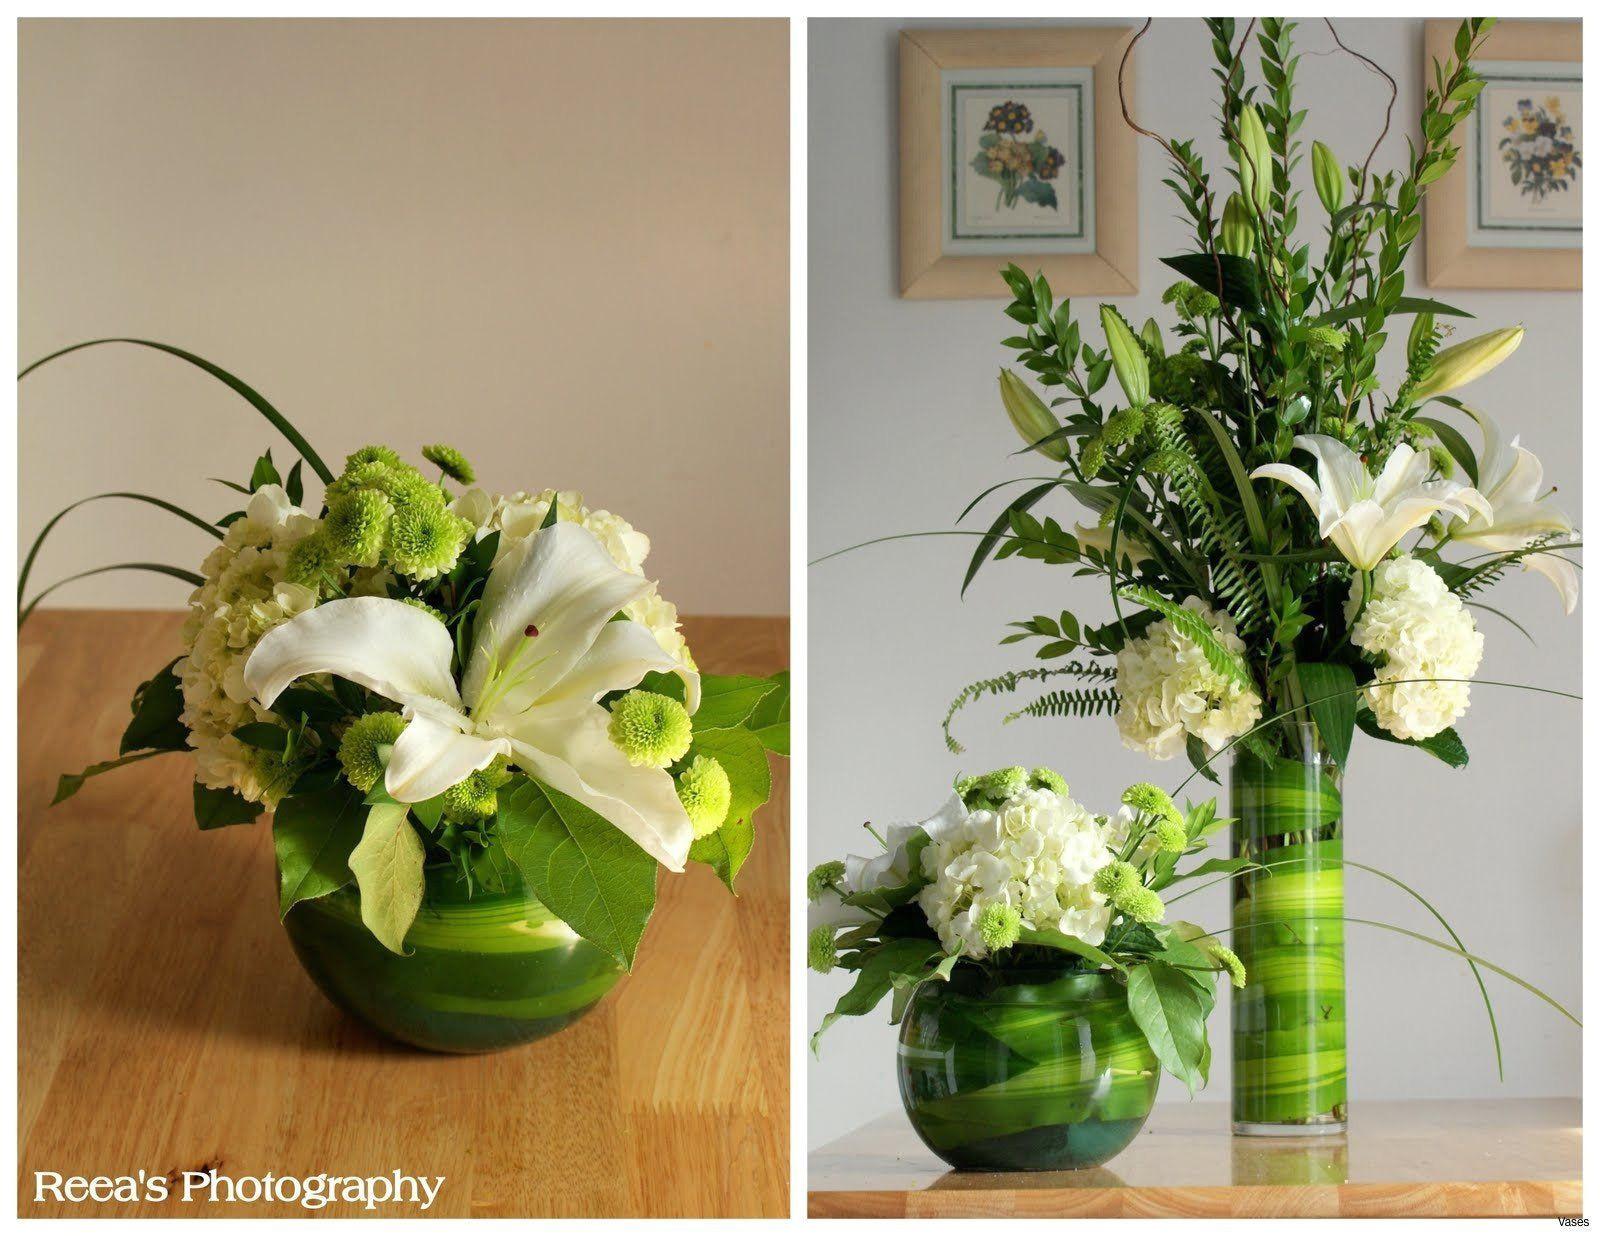 plastic floral vases wholesale of 21 flower arrangement in vase the weekly world for 21 flower arrangement in vase